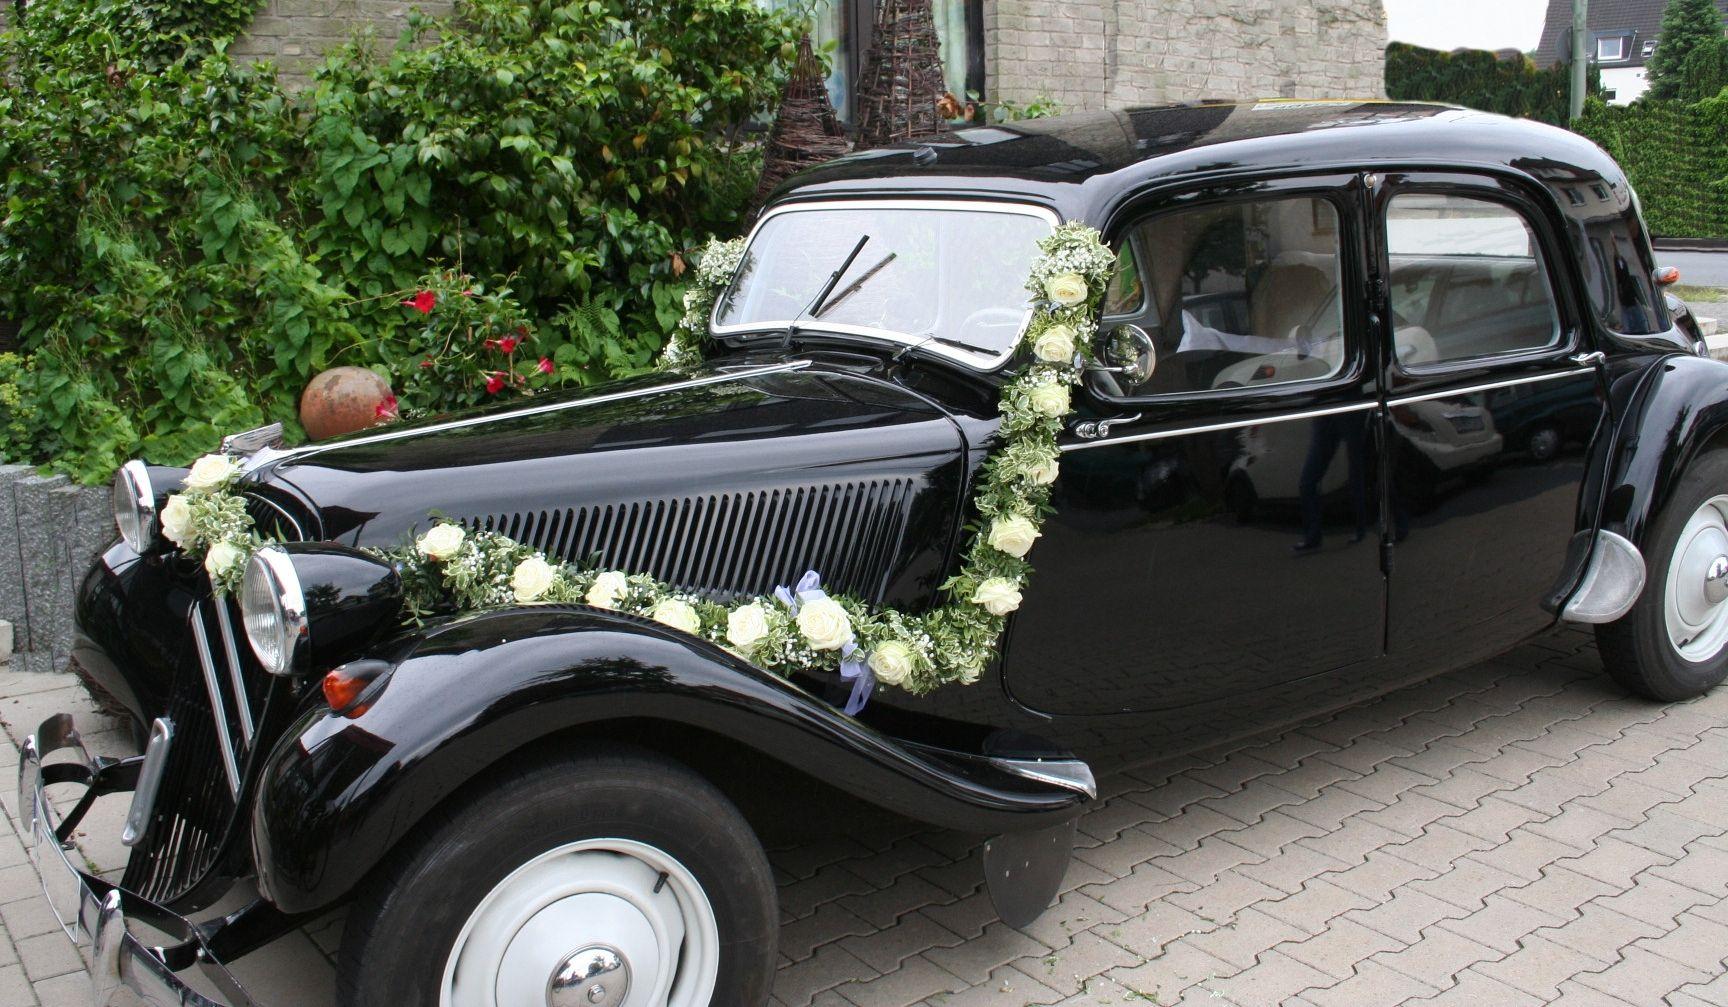 Blumen Wilking blumenschmuck für das auto zur hochzeit blumen wilking de